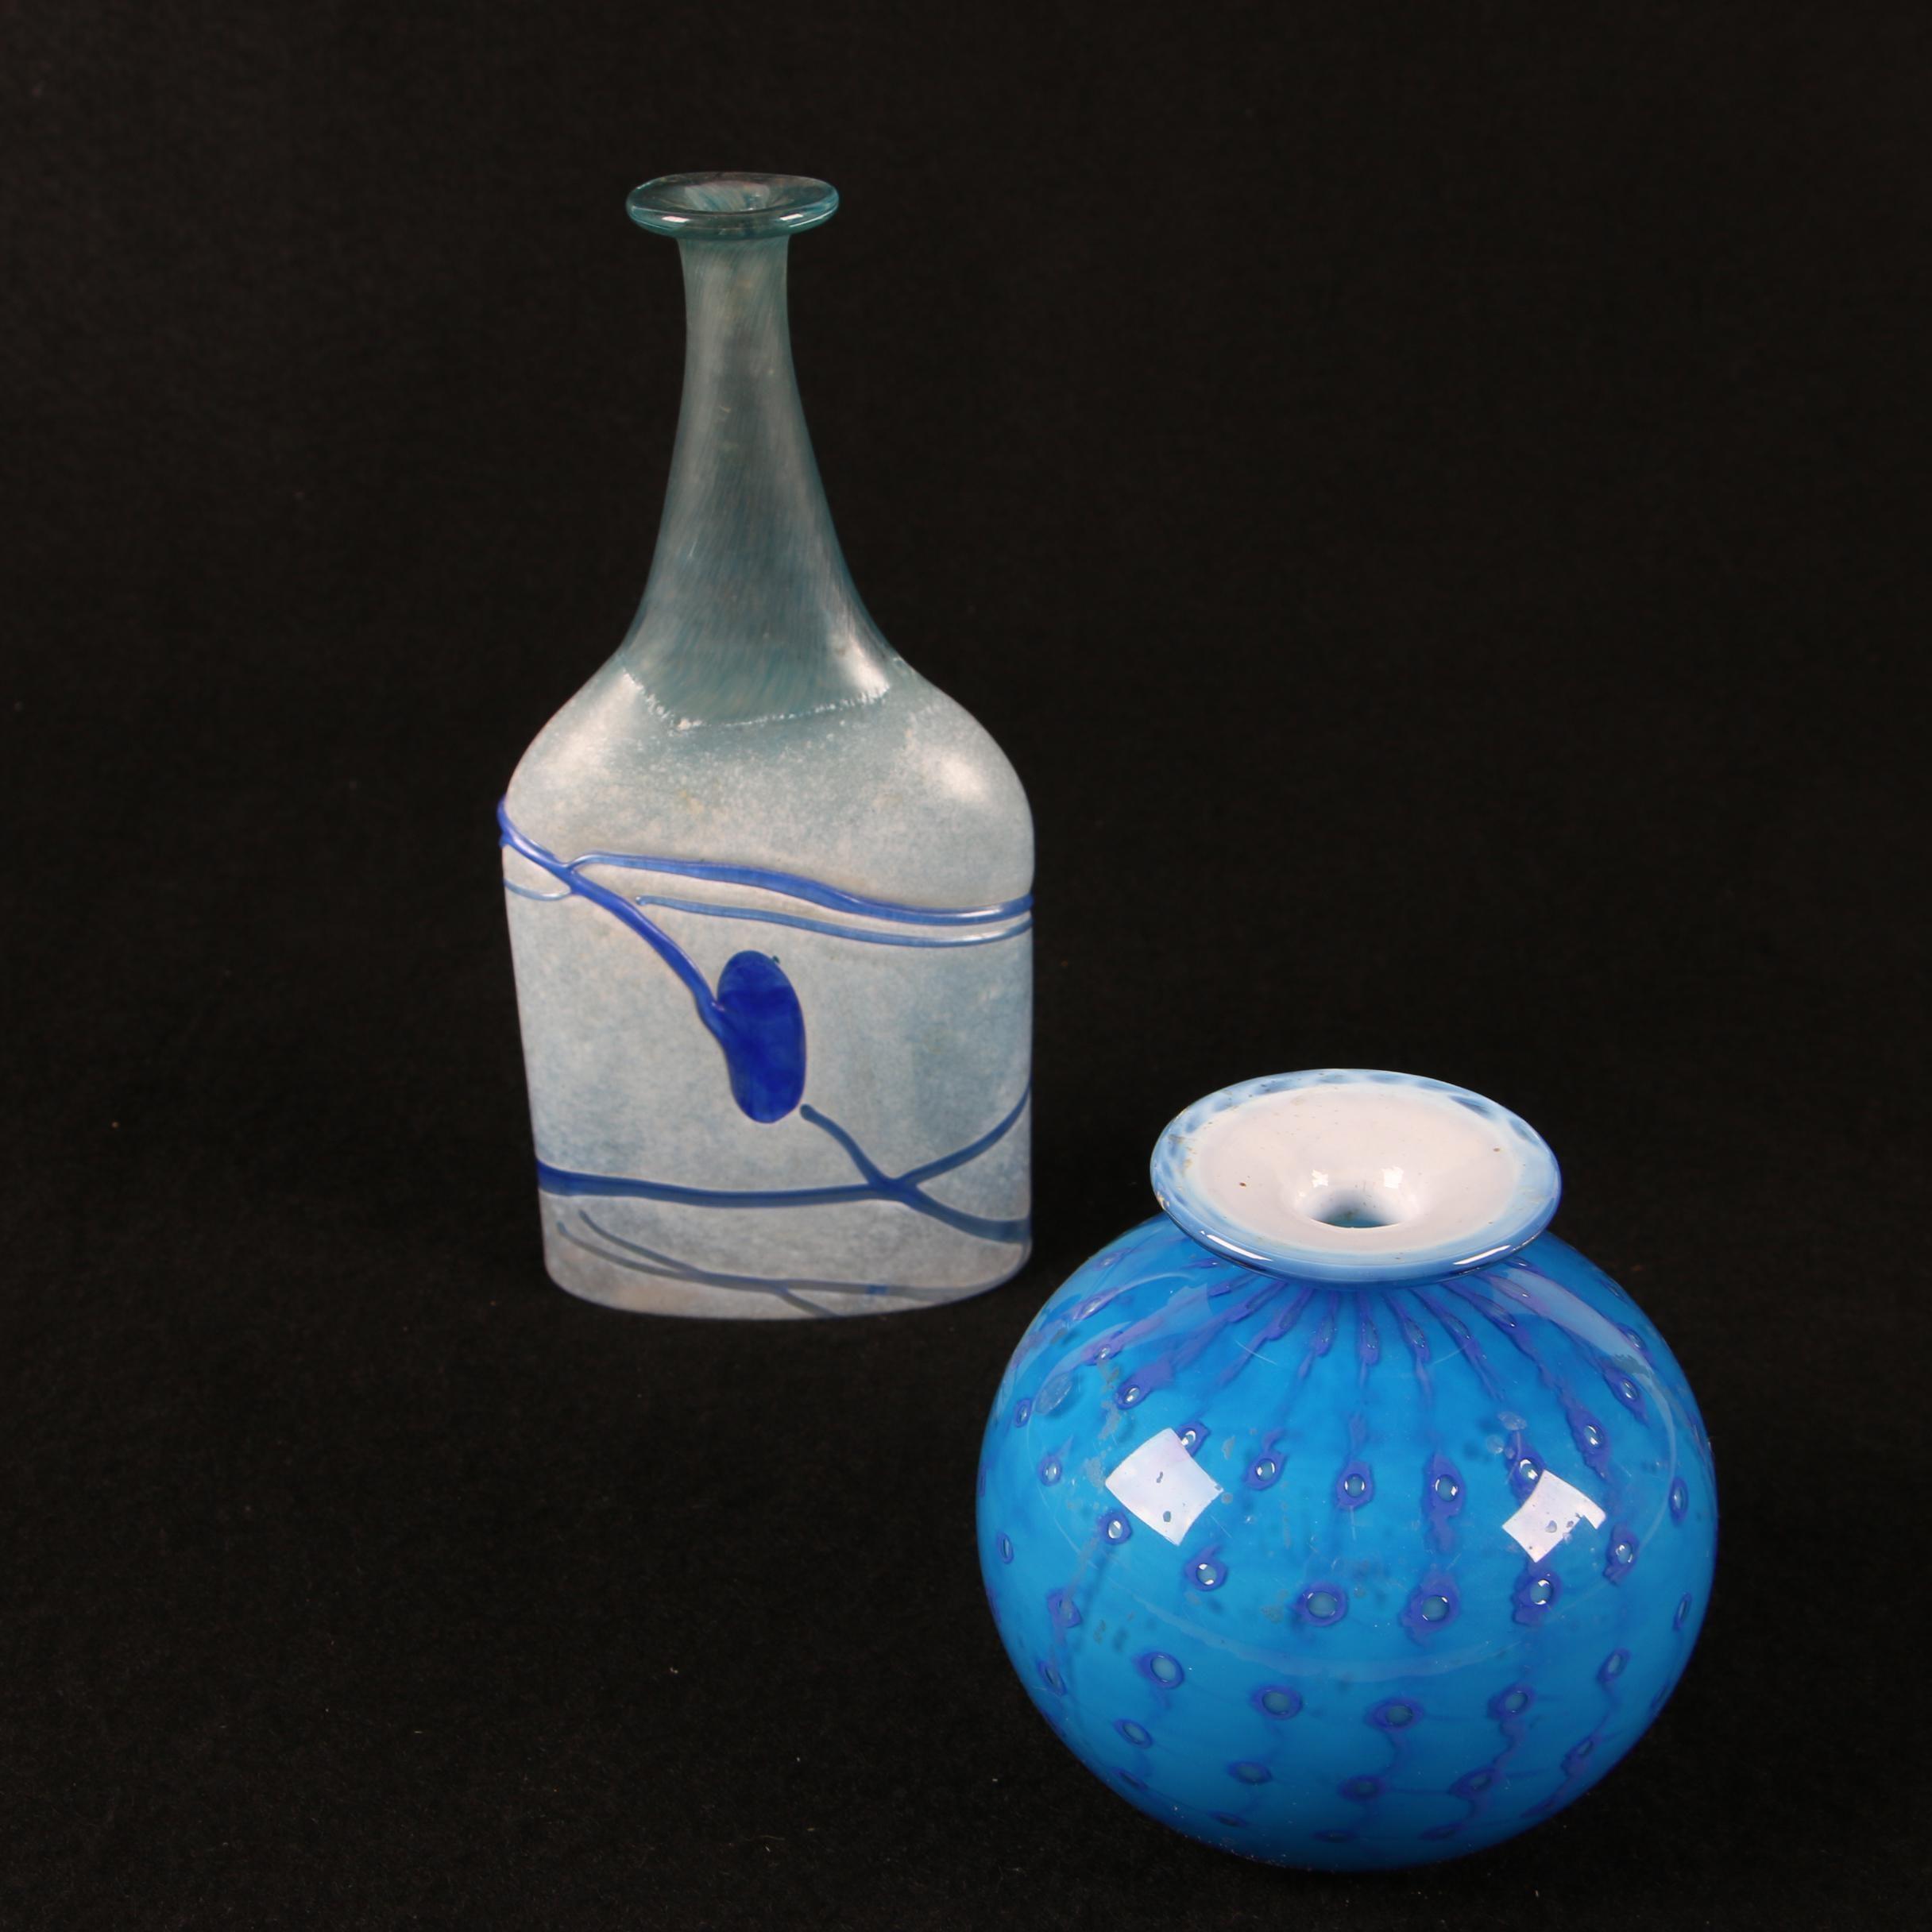 Art Glass Vases including Signed Bottle Vase